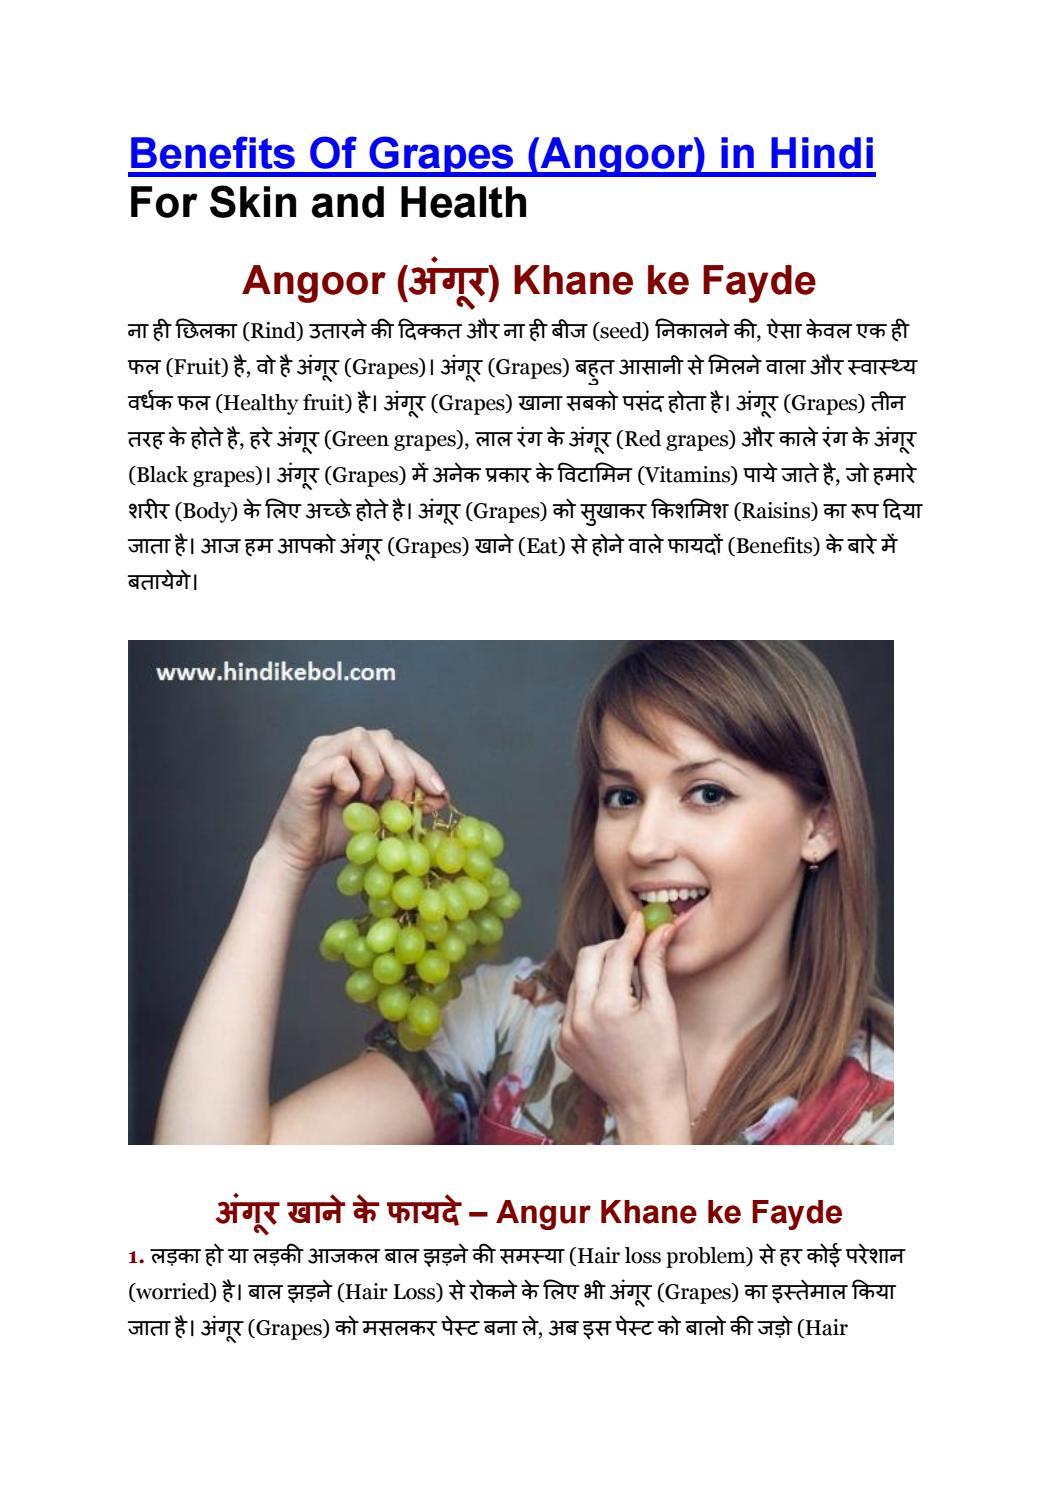 benefits of grapes (angoor) in hindihindi ke bol - issuu